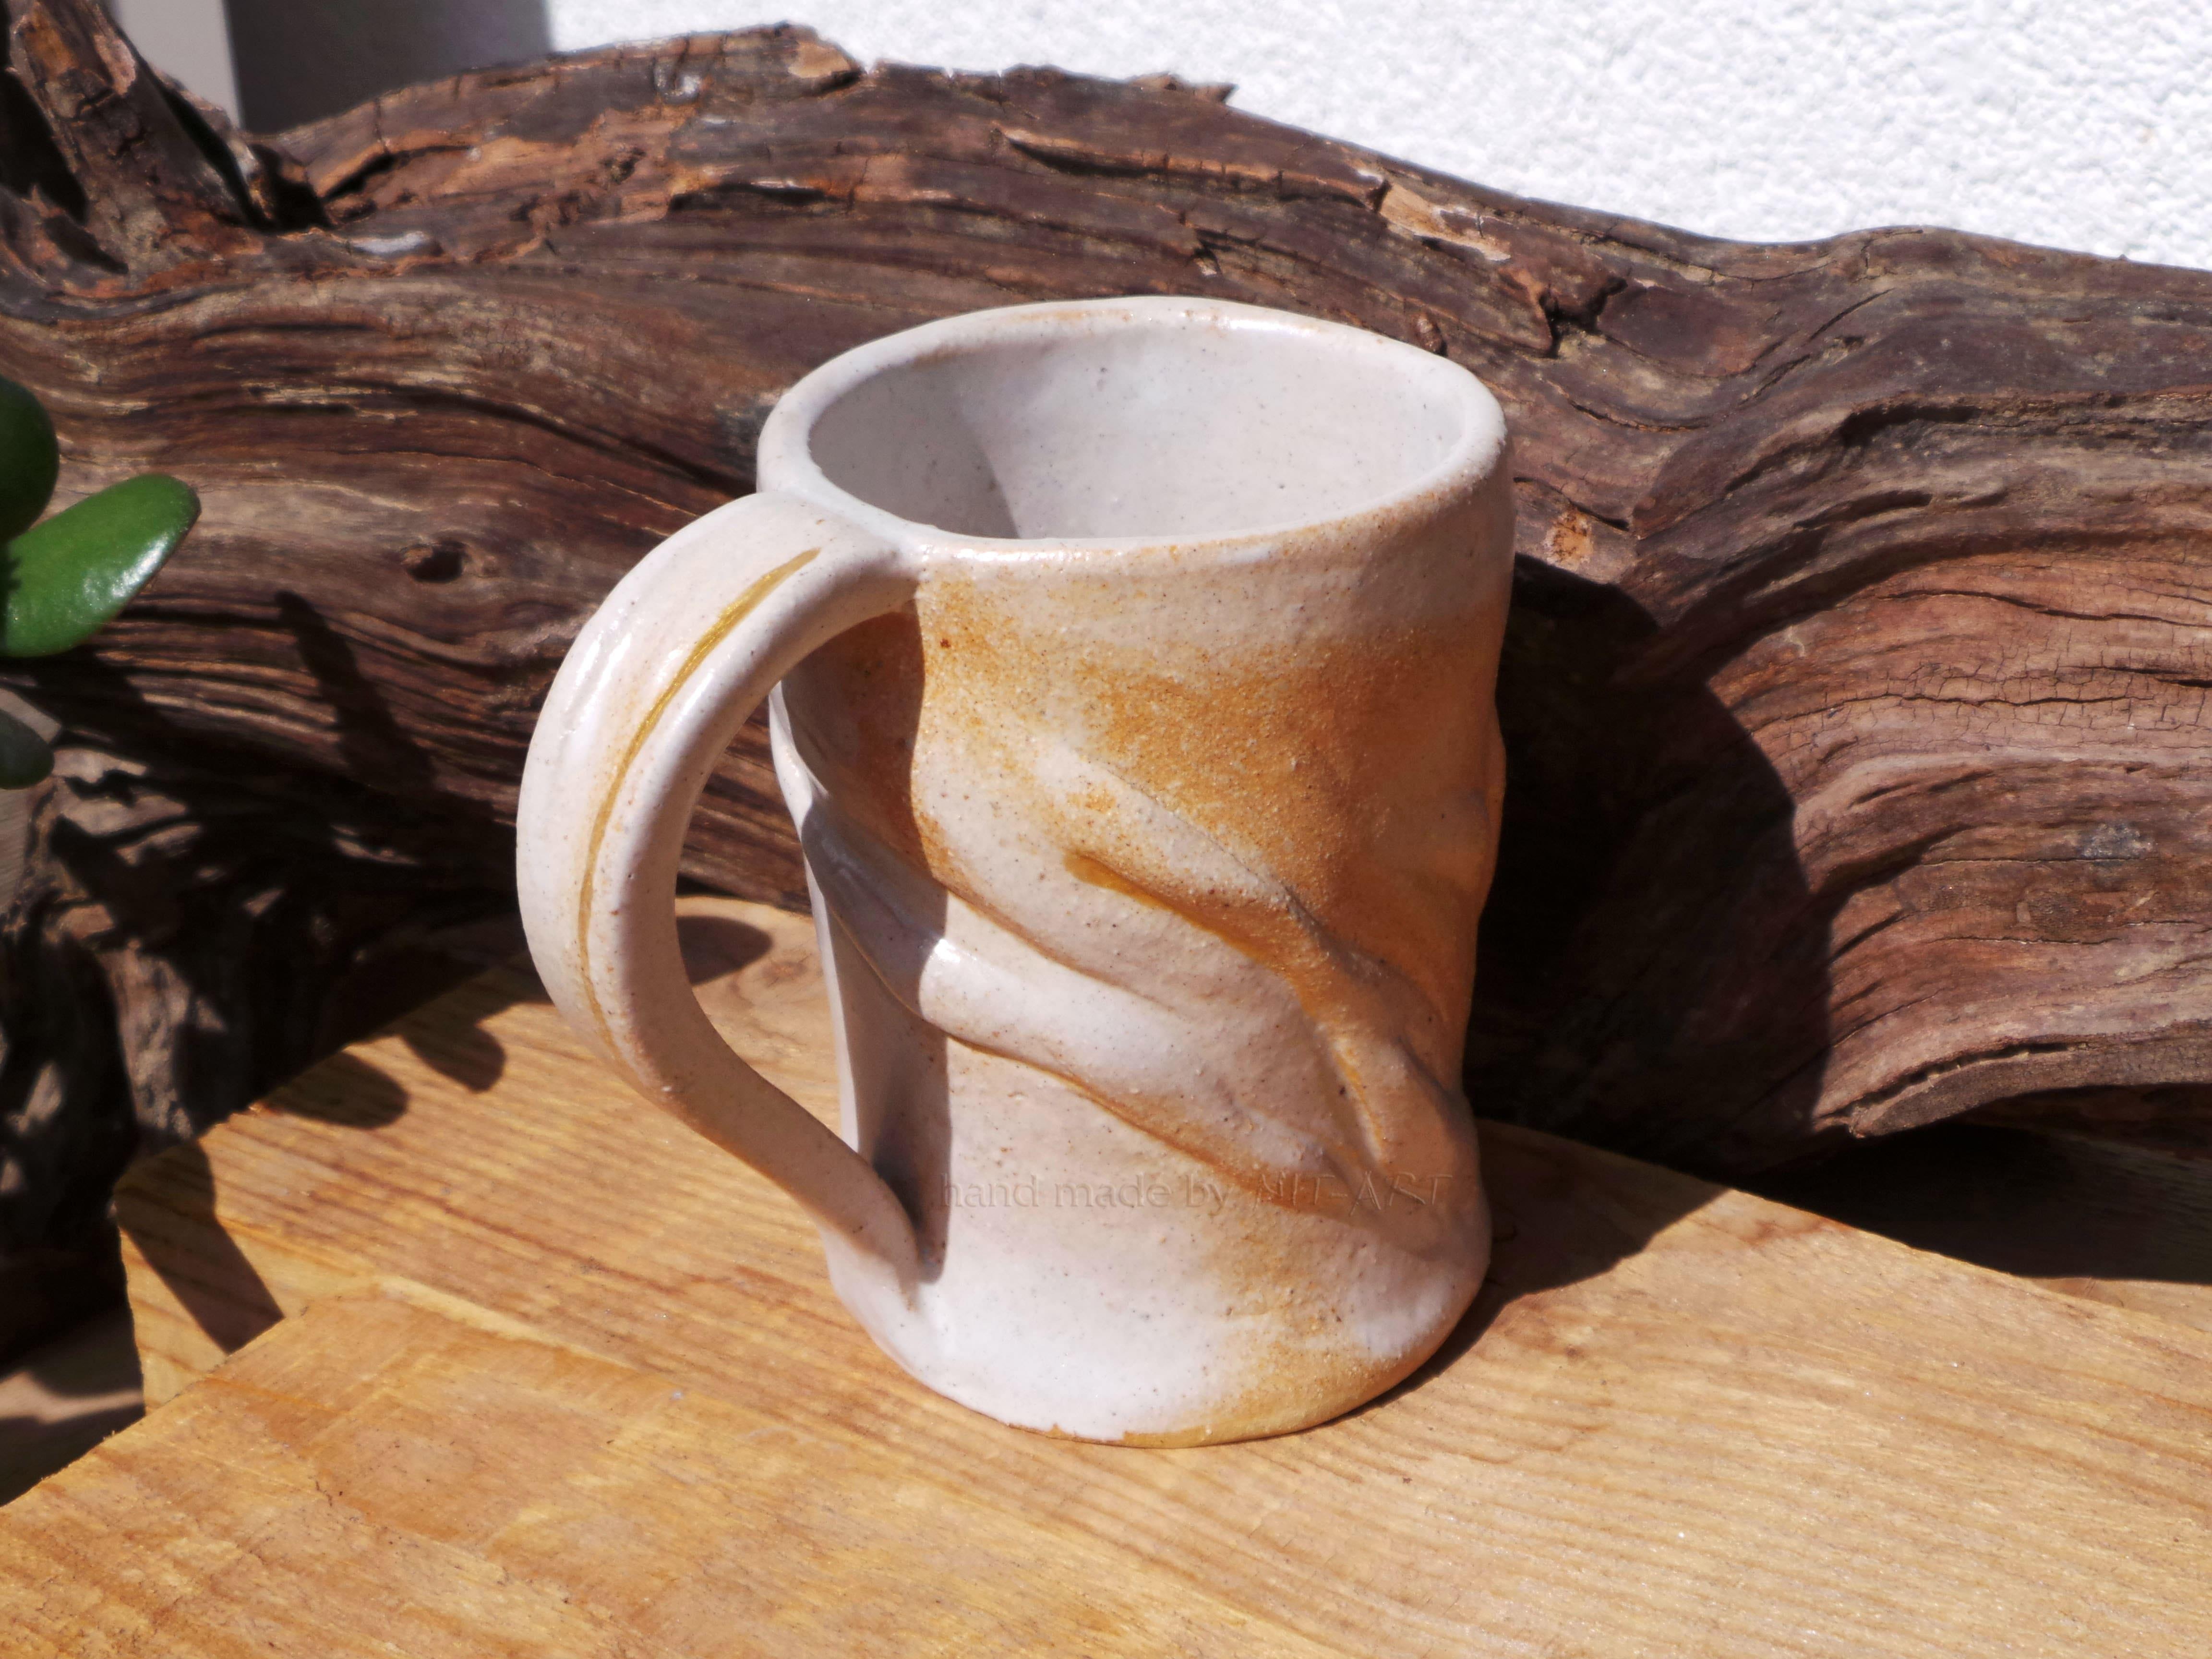 upotrebna_keramika_a4